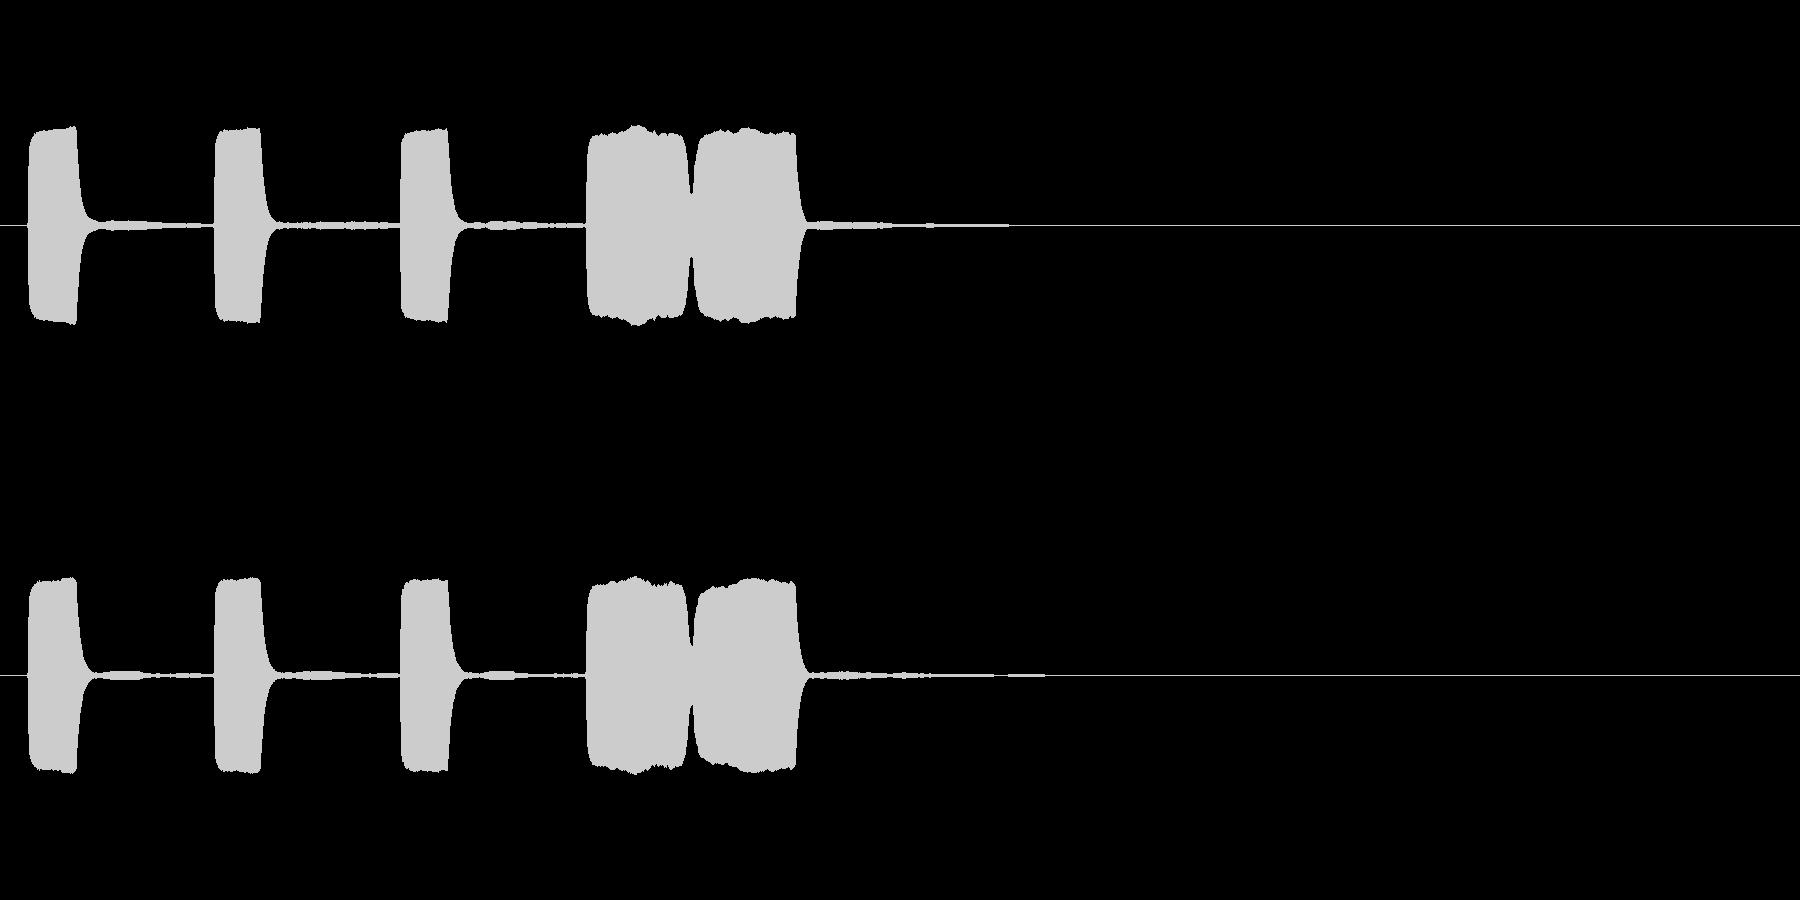 カウントダウン効果音その3の未再生の波形